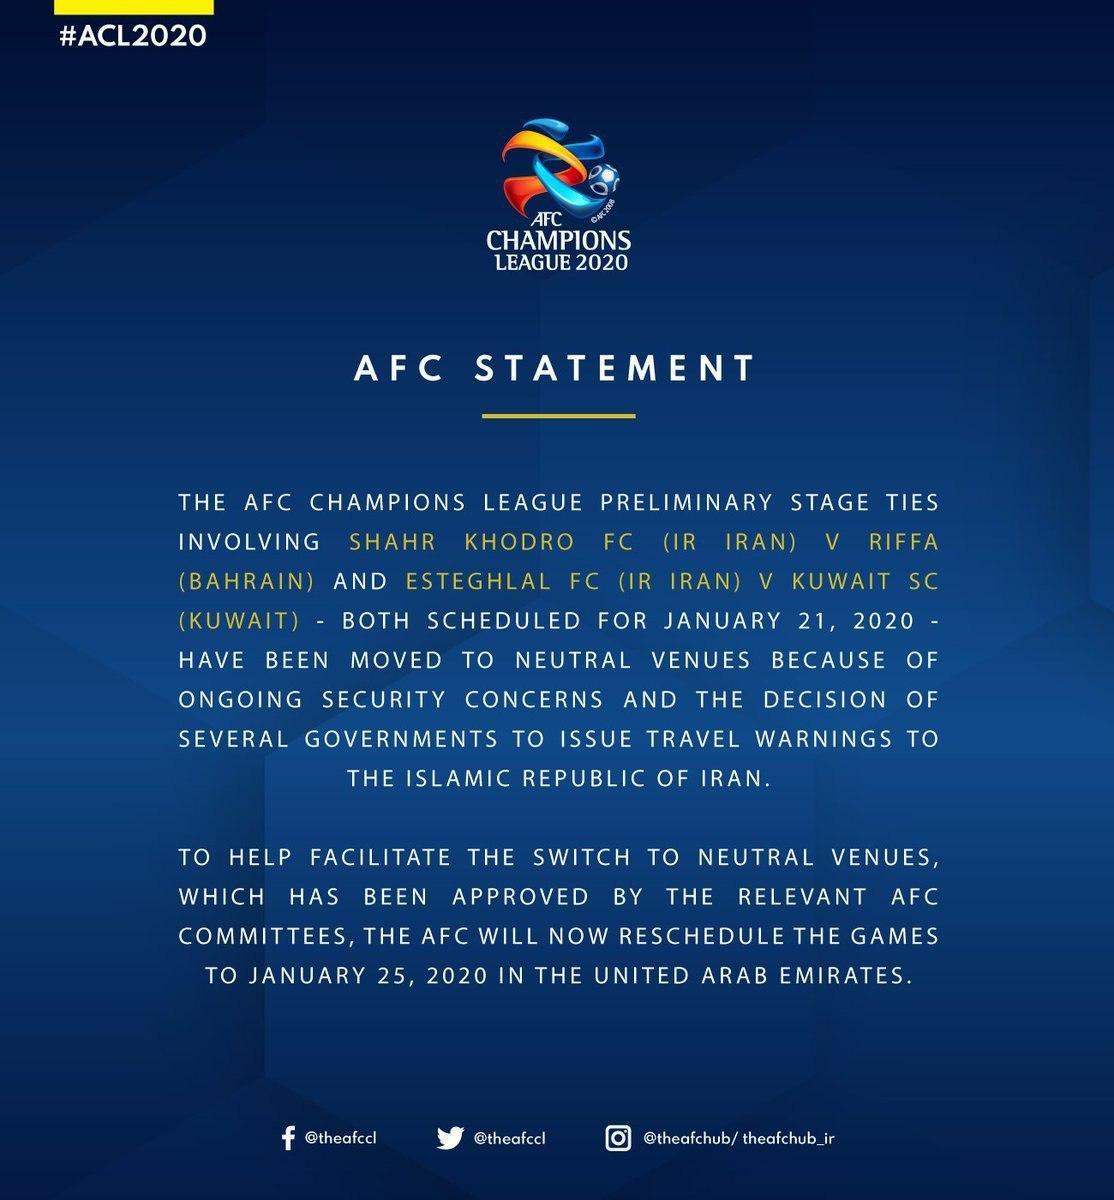 بیانیه رسمی AFC/ امارات میزبان دیدار استقلال و شهر خودرو در آسیا